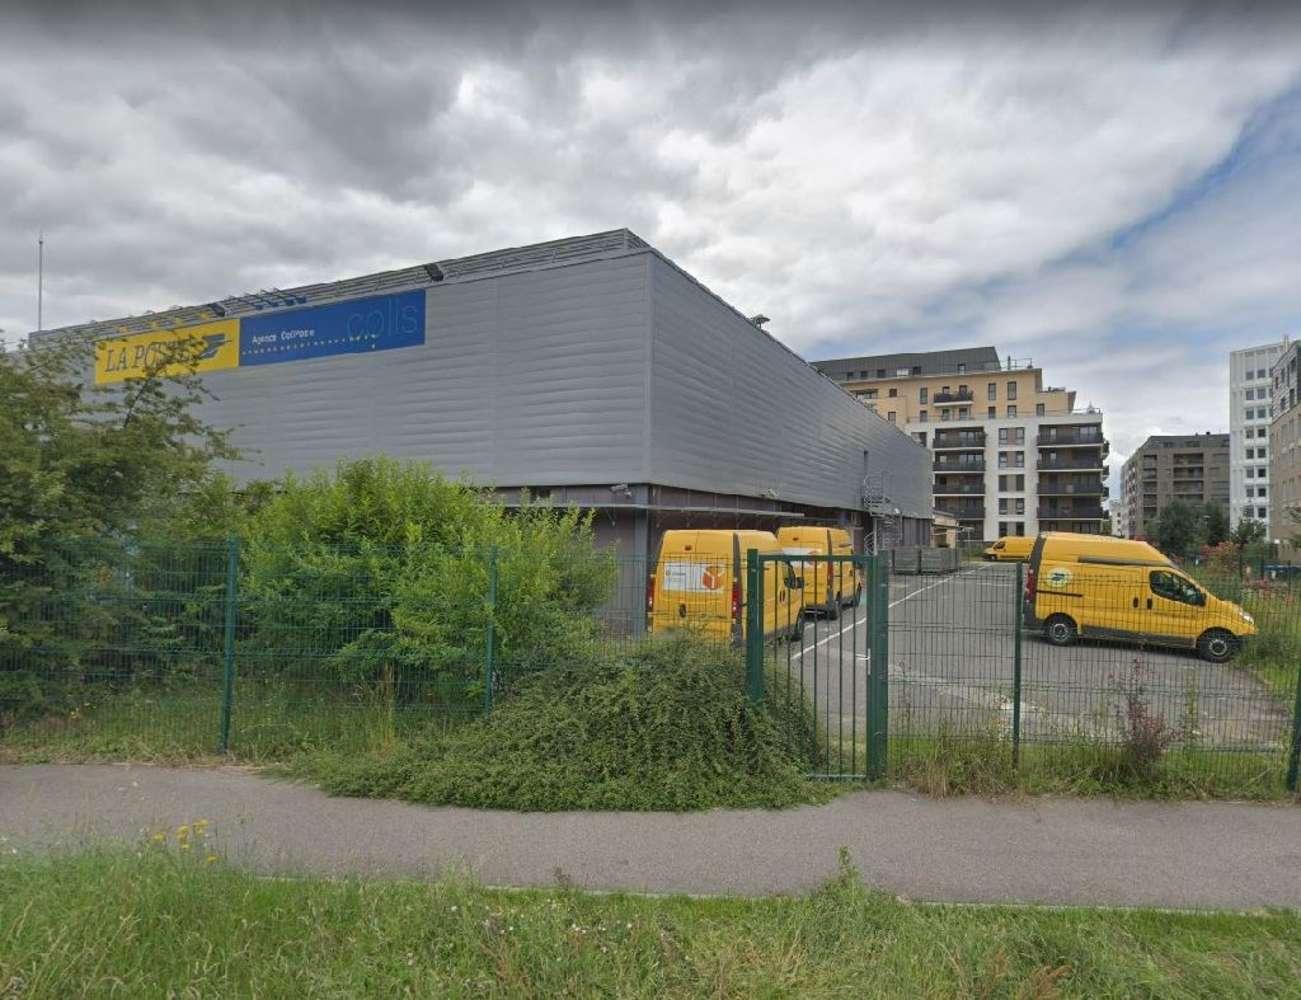 Activités/entrepôt Velizy villacoublay, 78140 - INOVEL PARC - 10475620